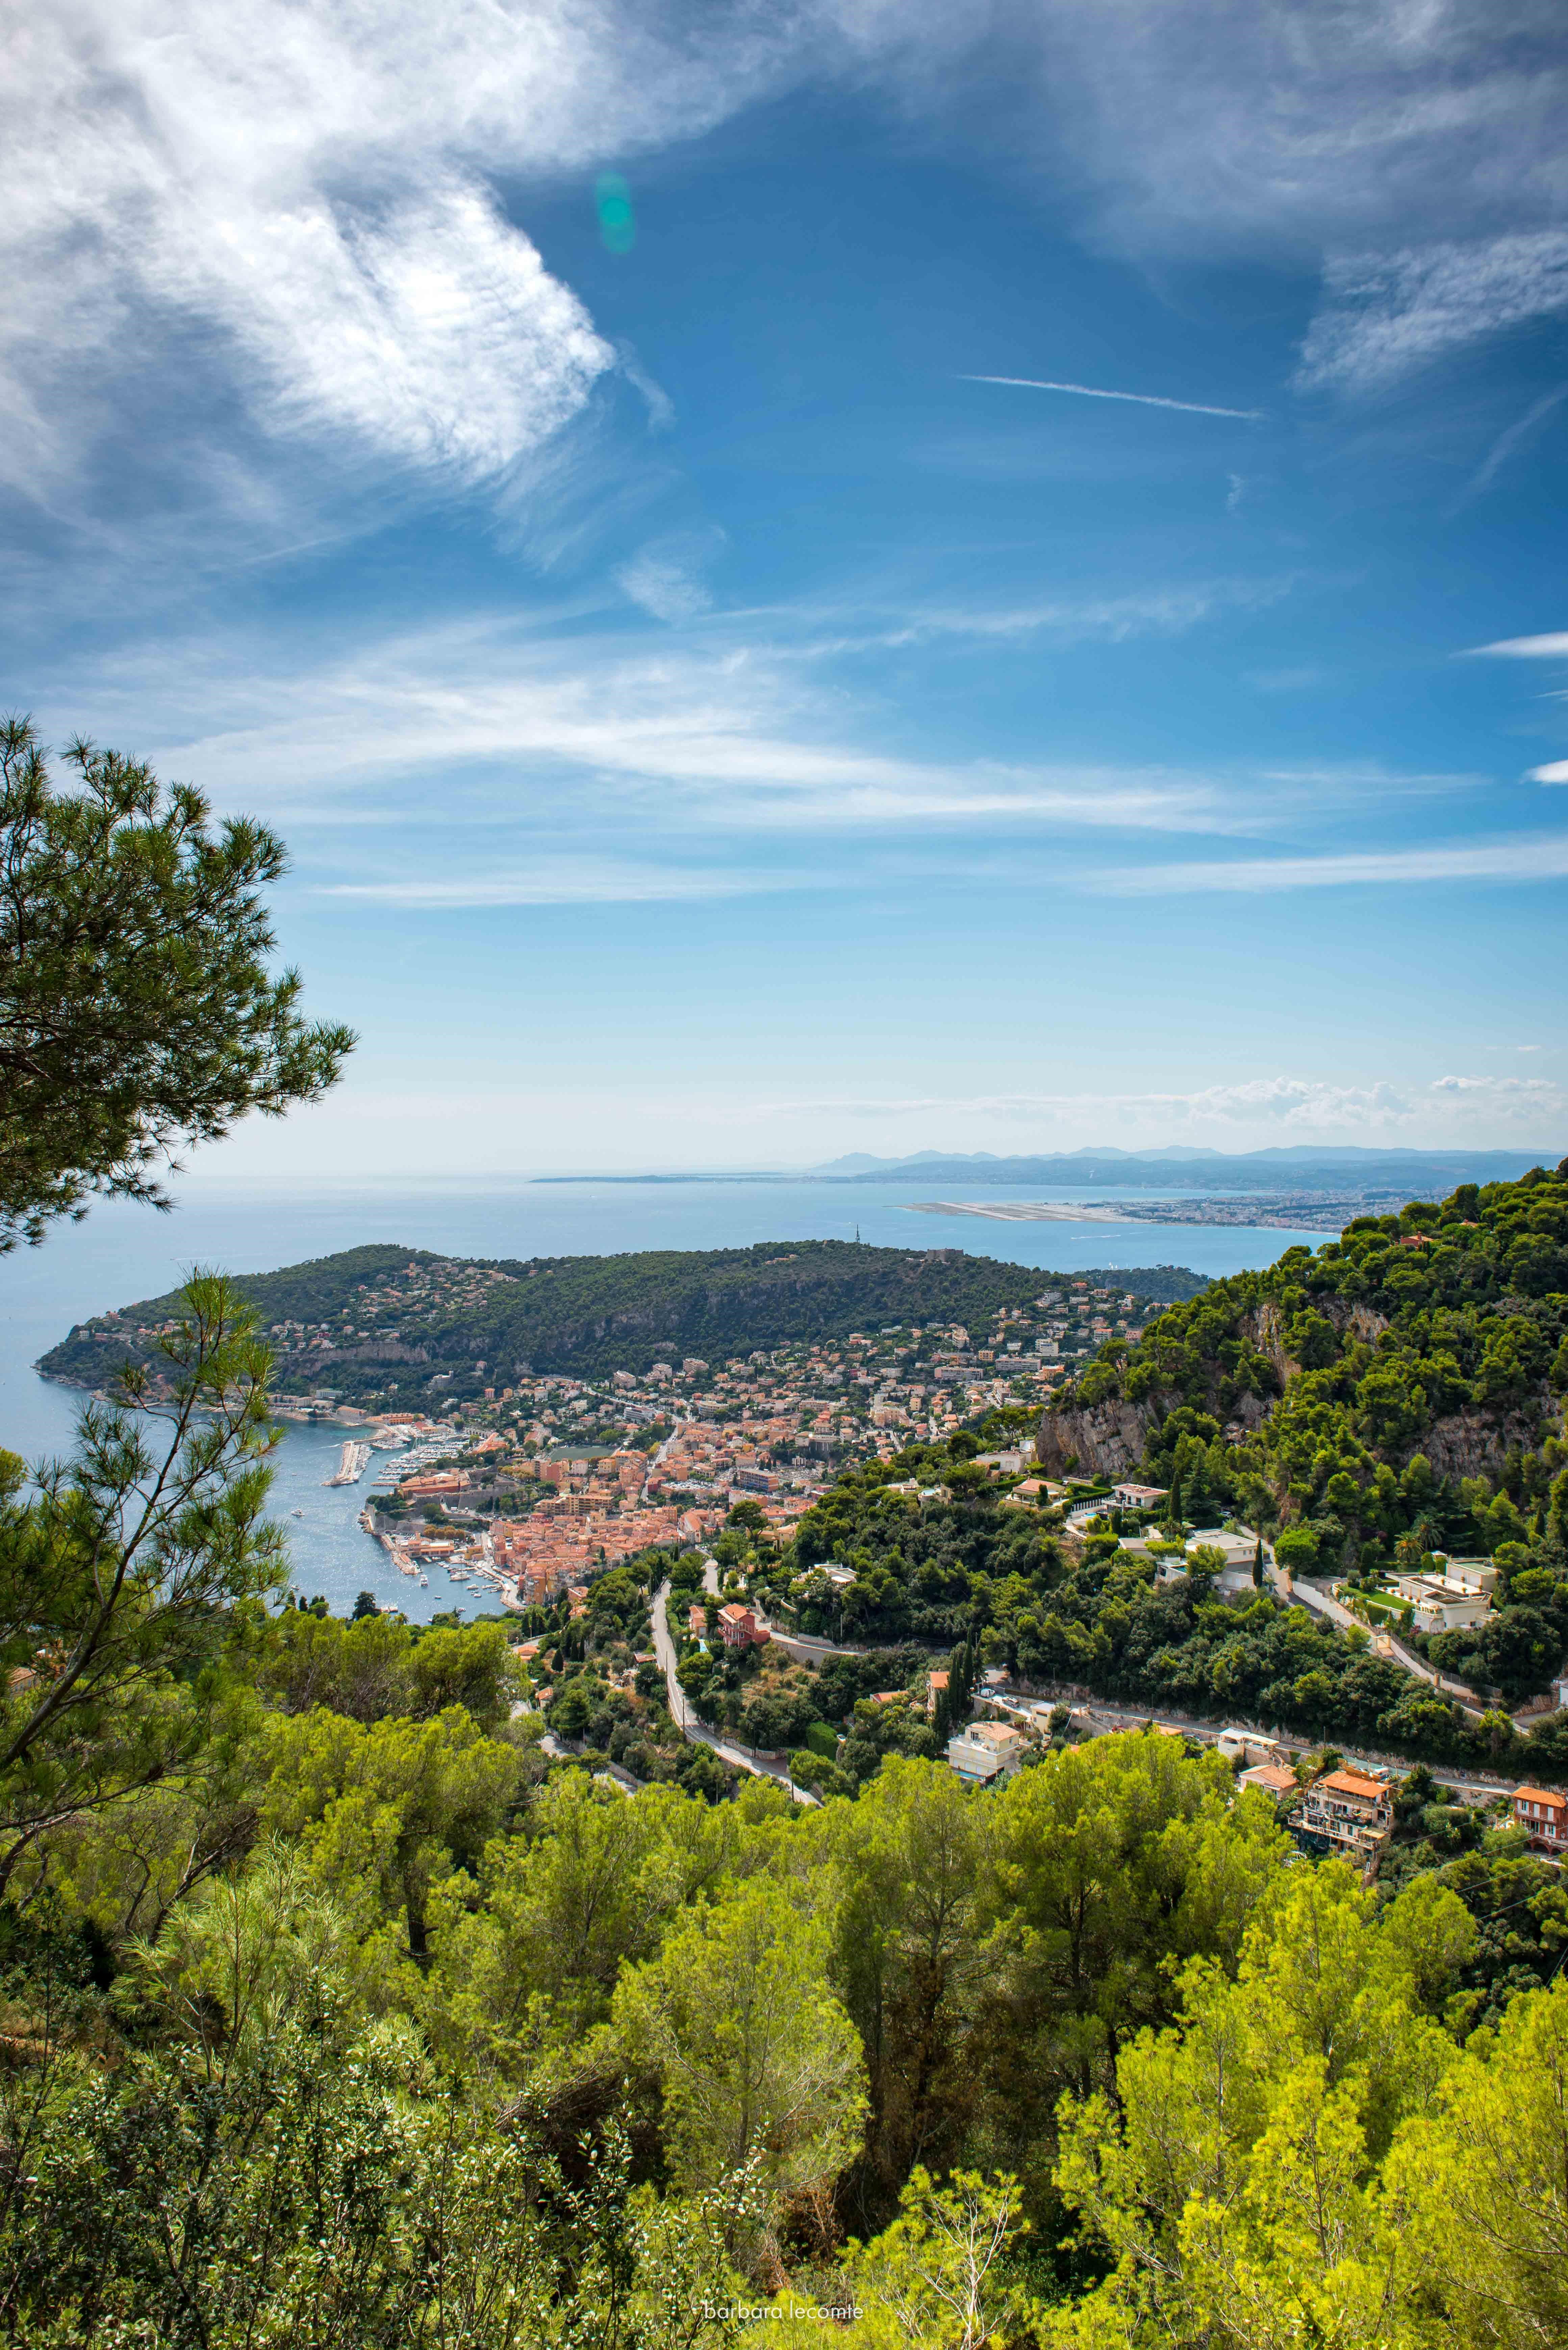 Coup d'œil - Villefranche-sur-mer au patrimoine mondial de l'UNESCO